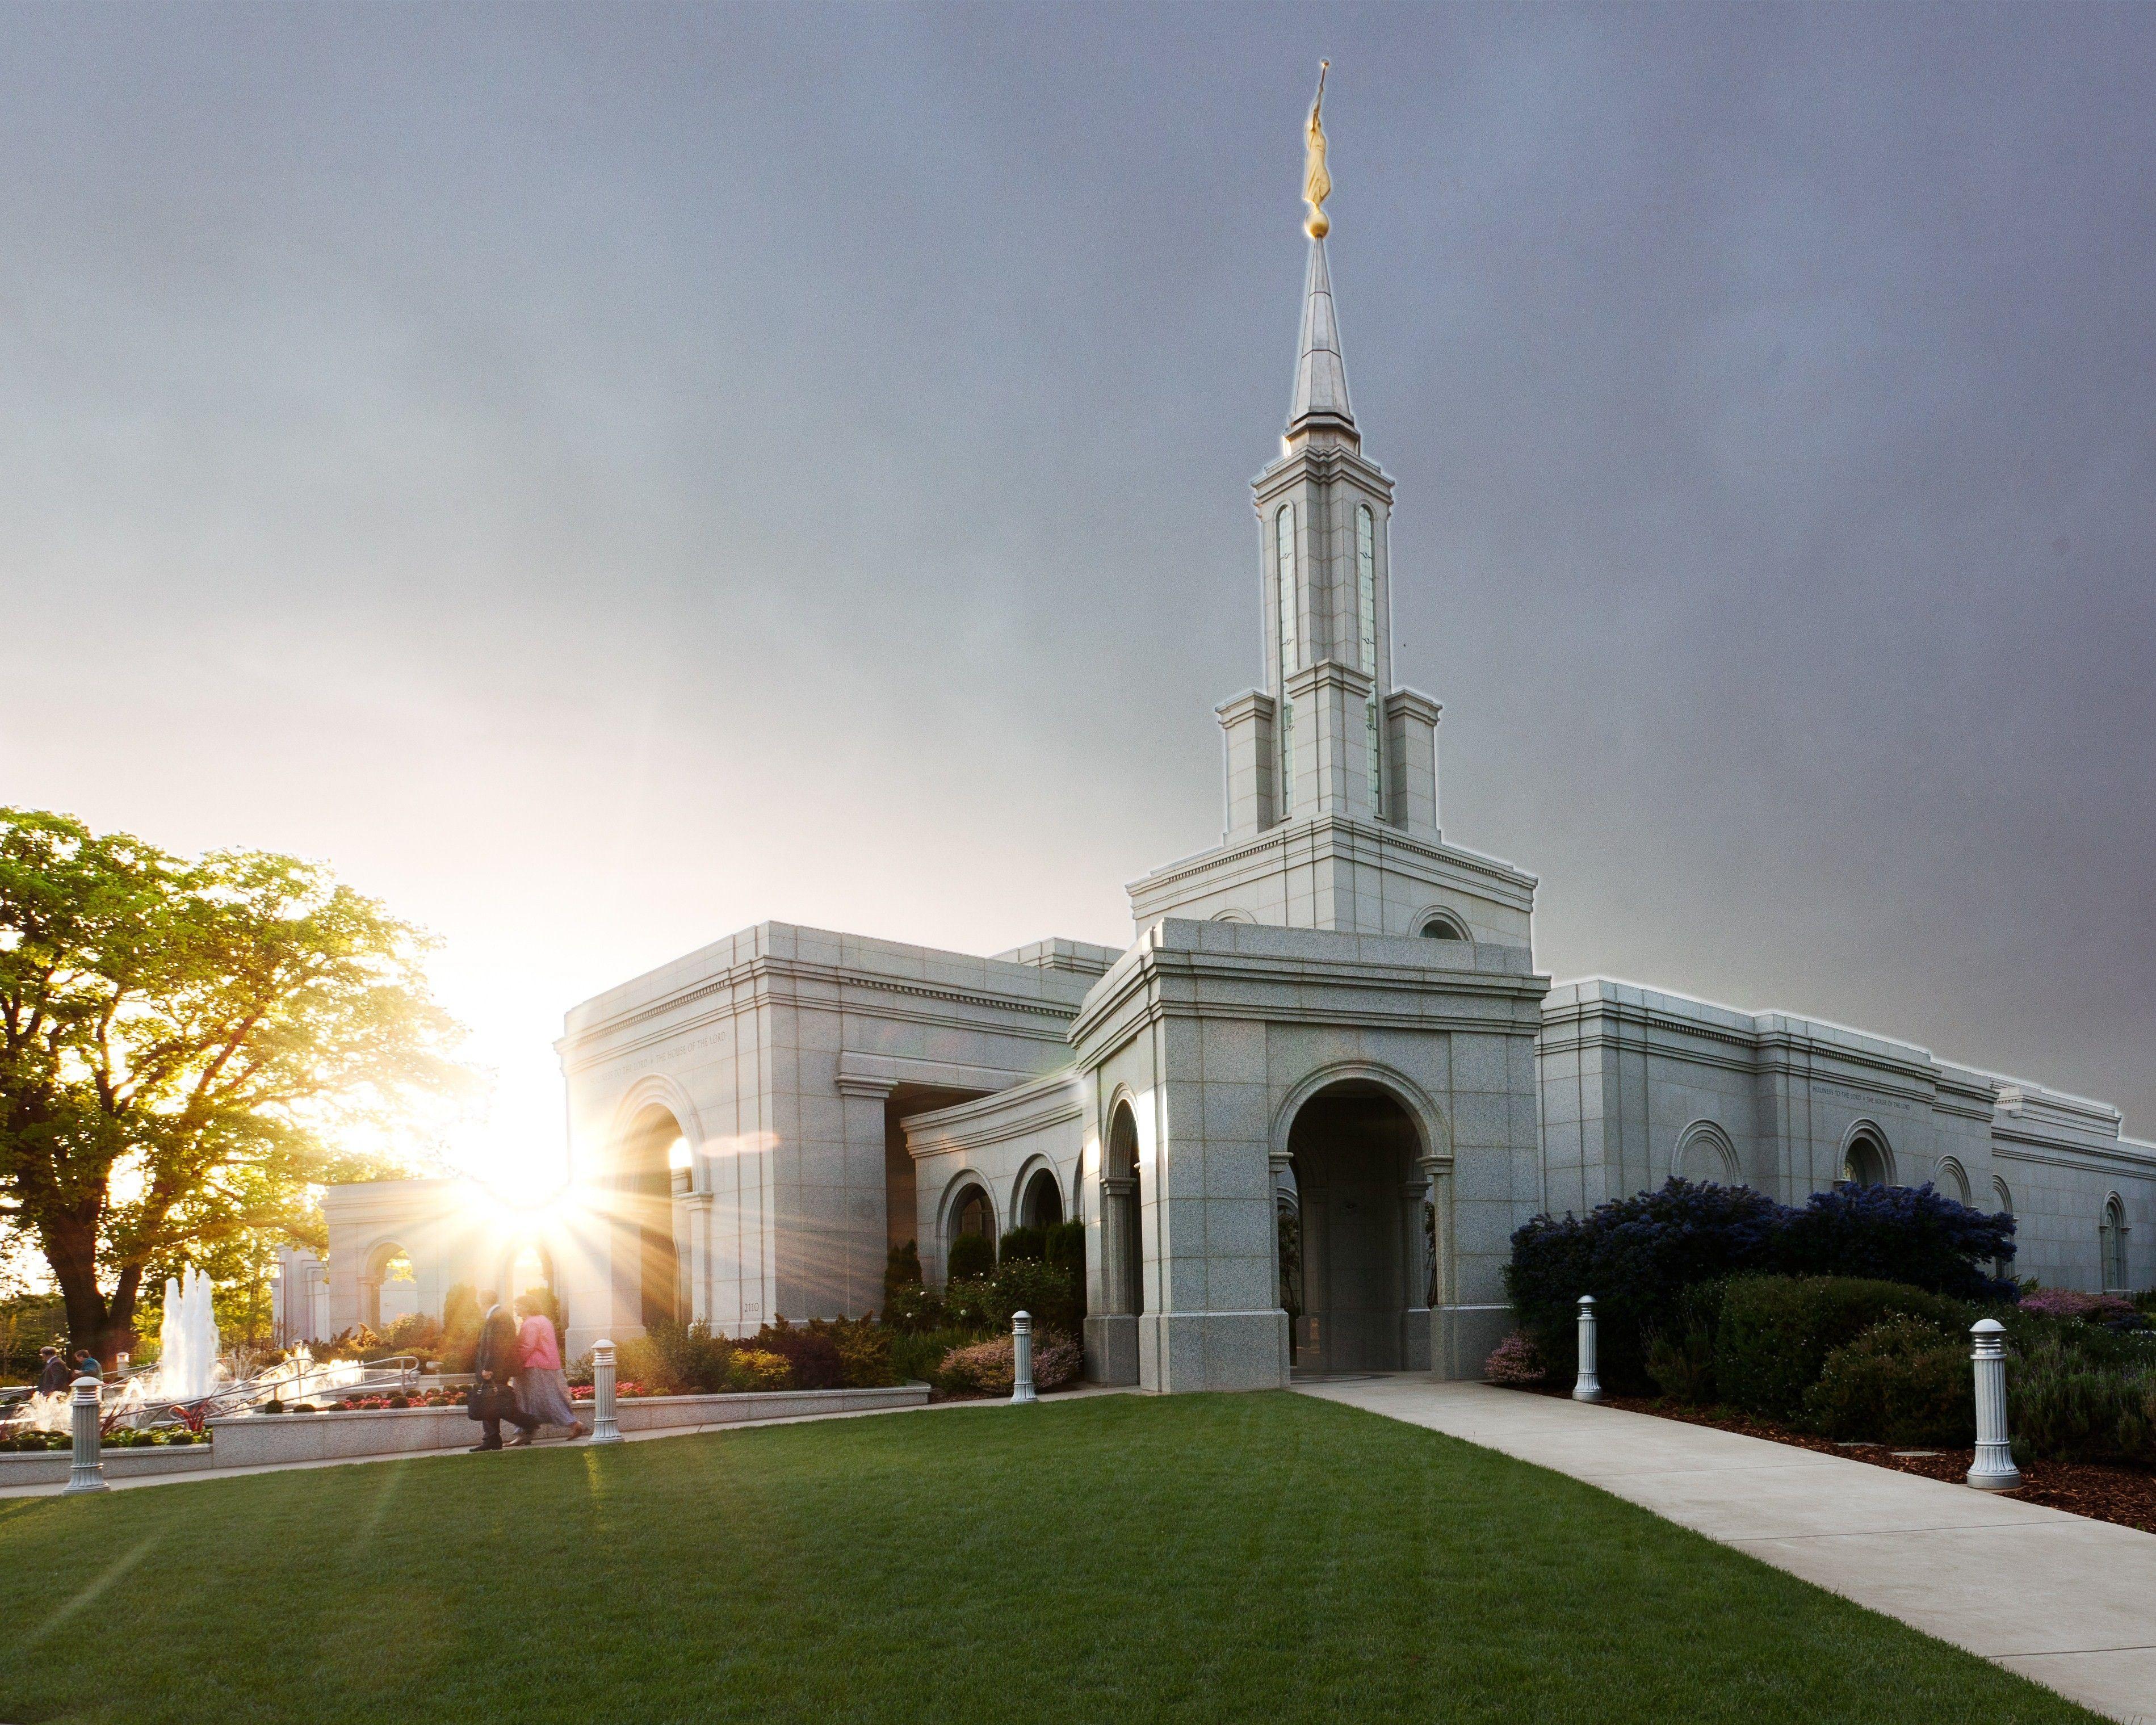 The Sacramento California Temple entrance, including scenery.